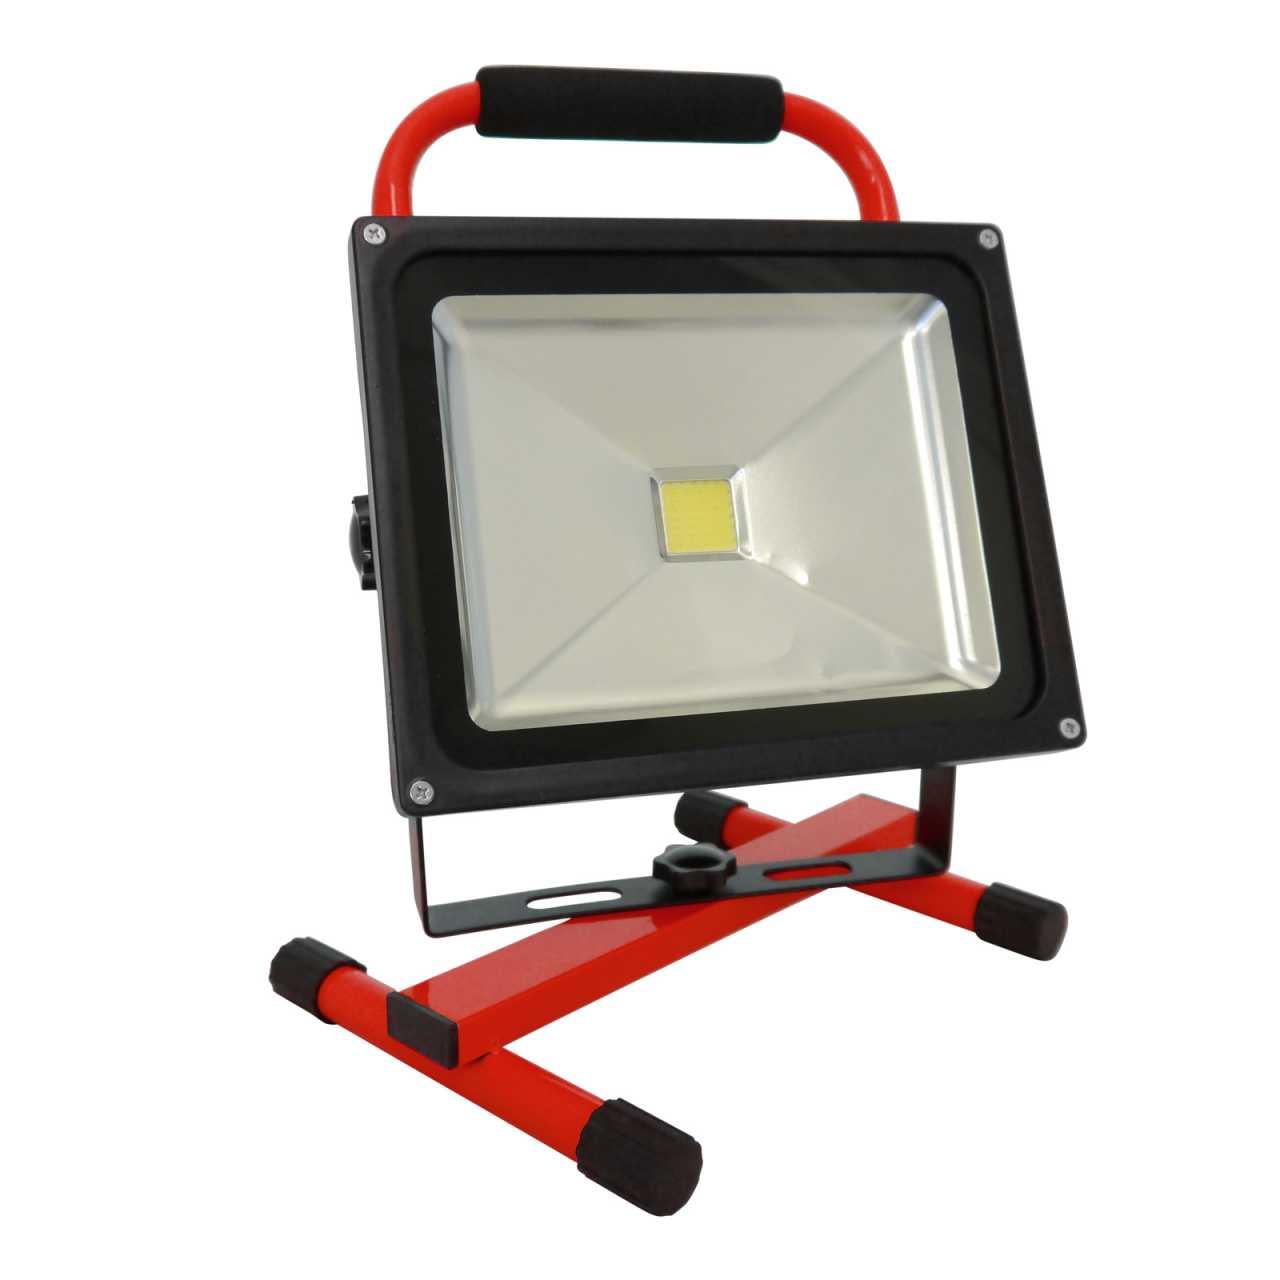 Grafner LED Baustrahler 20 Watt 4400 mAh Akku in Rot Flutlicht